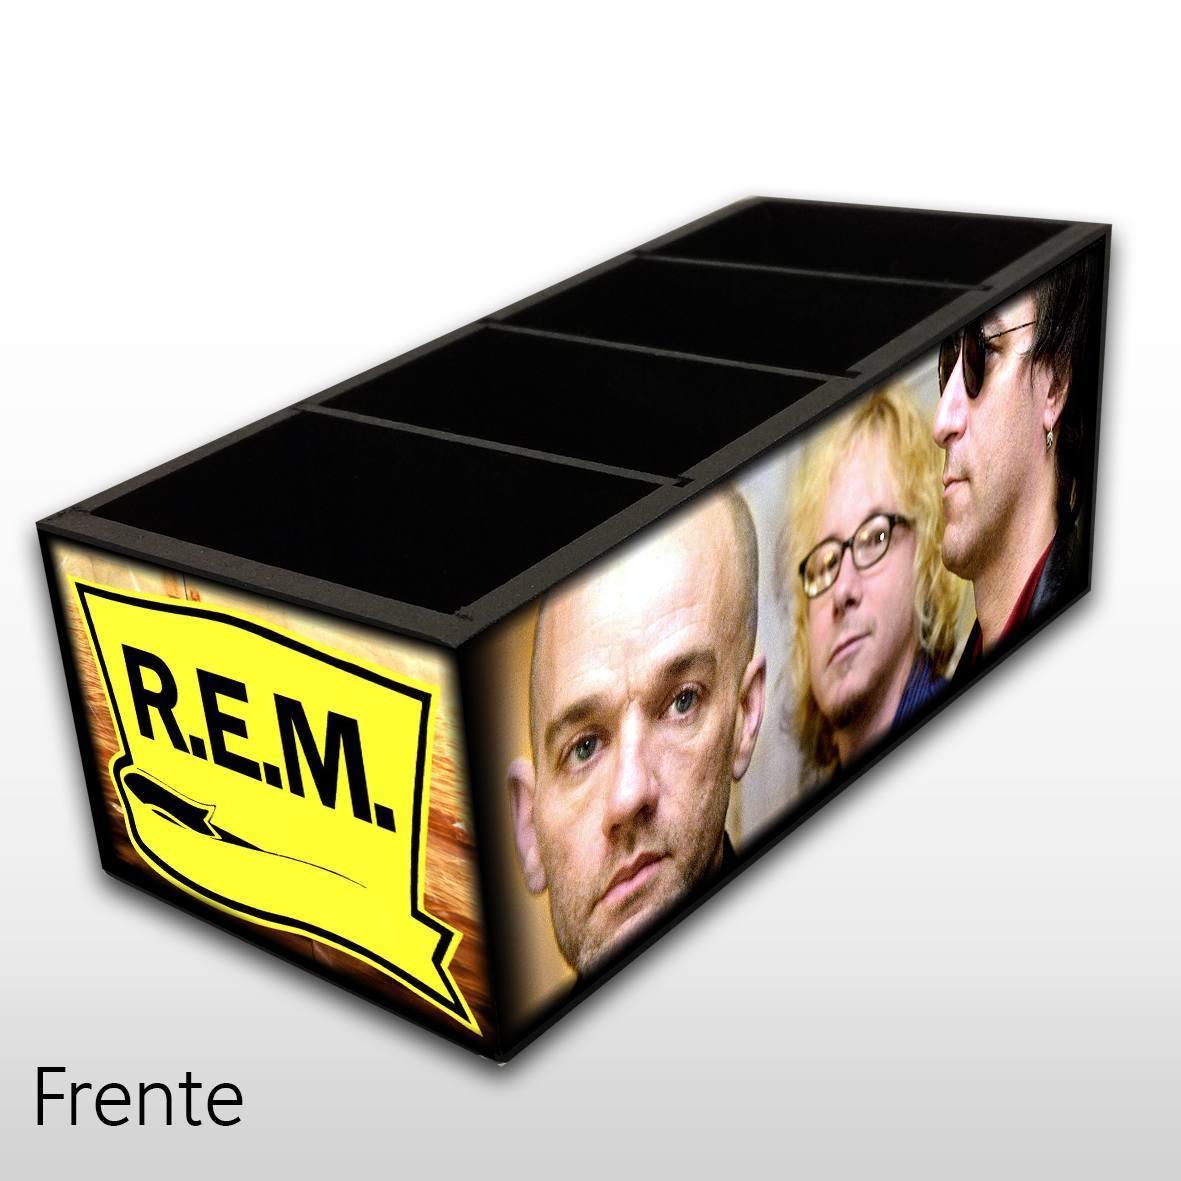 R.E.M. - Porta Controles em Madeira MDF - 4 Espaços - Mr. Rock